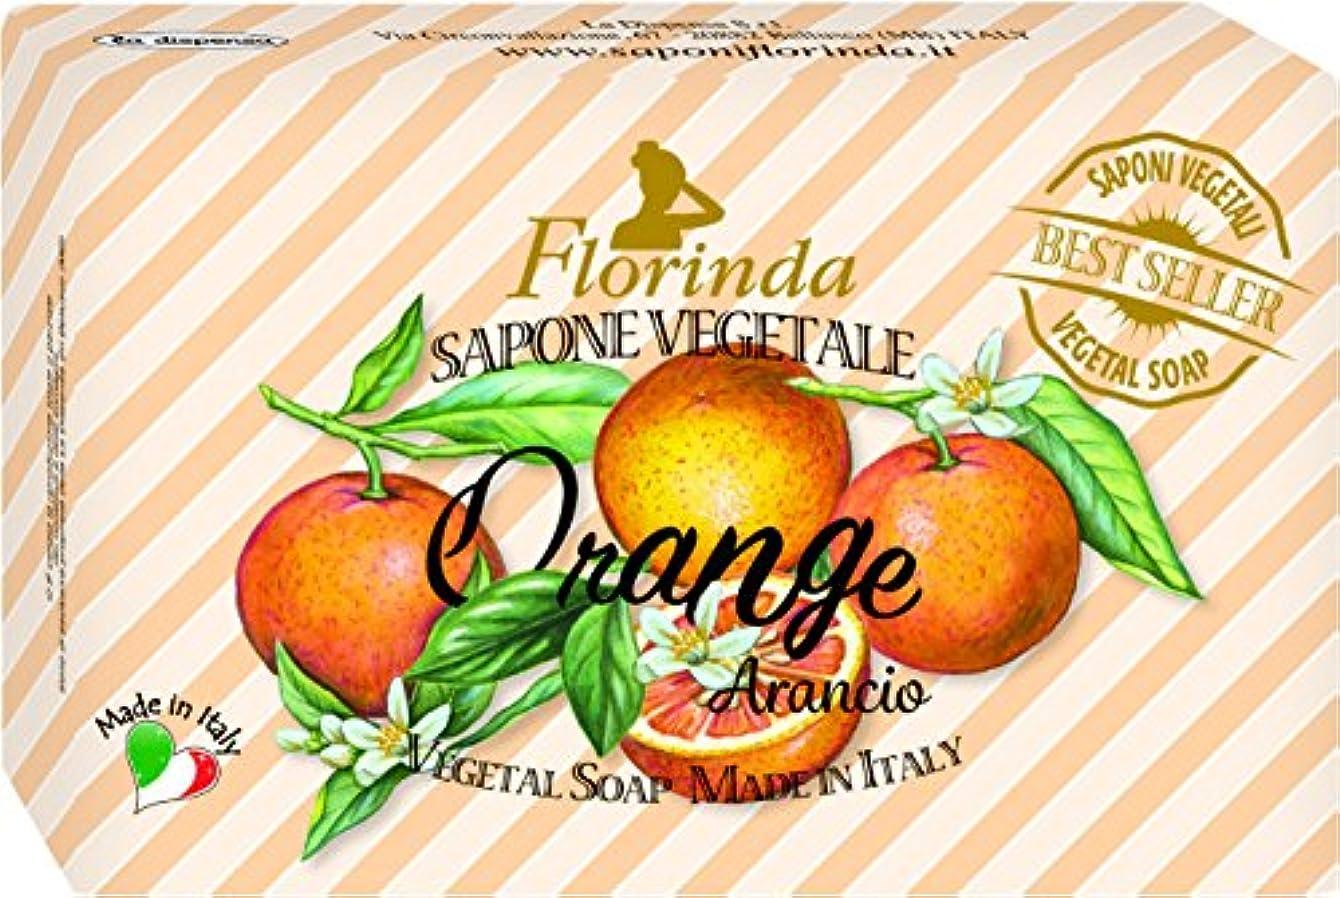 観客ファイアル彼自身フレグランスソープ ベストセラーシリーズ オレンジ